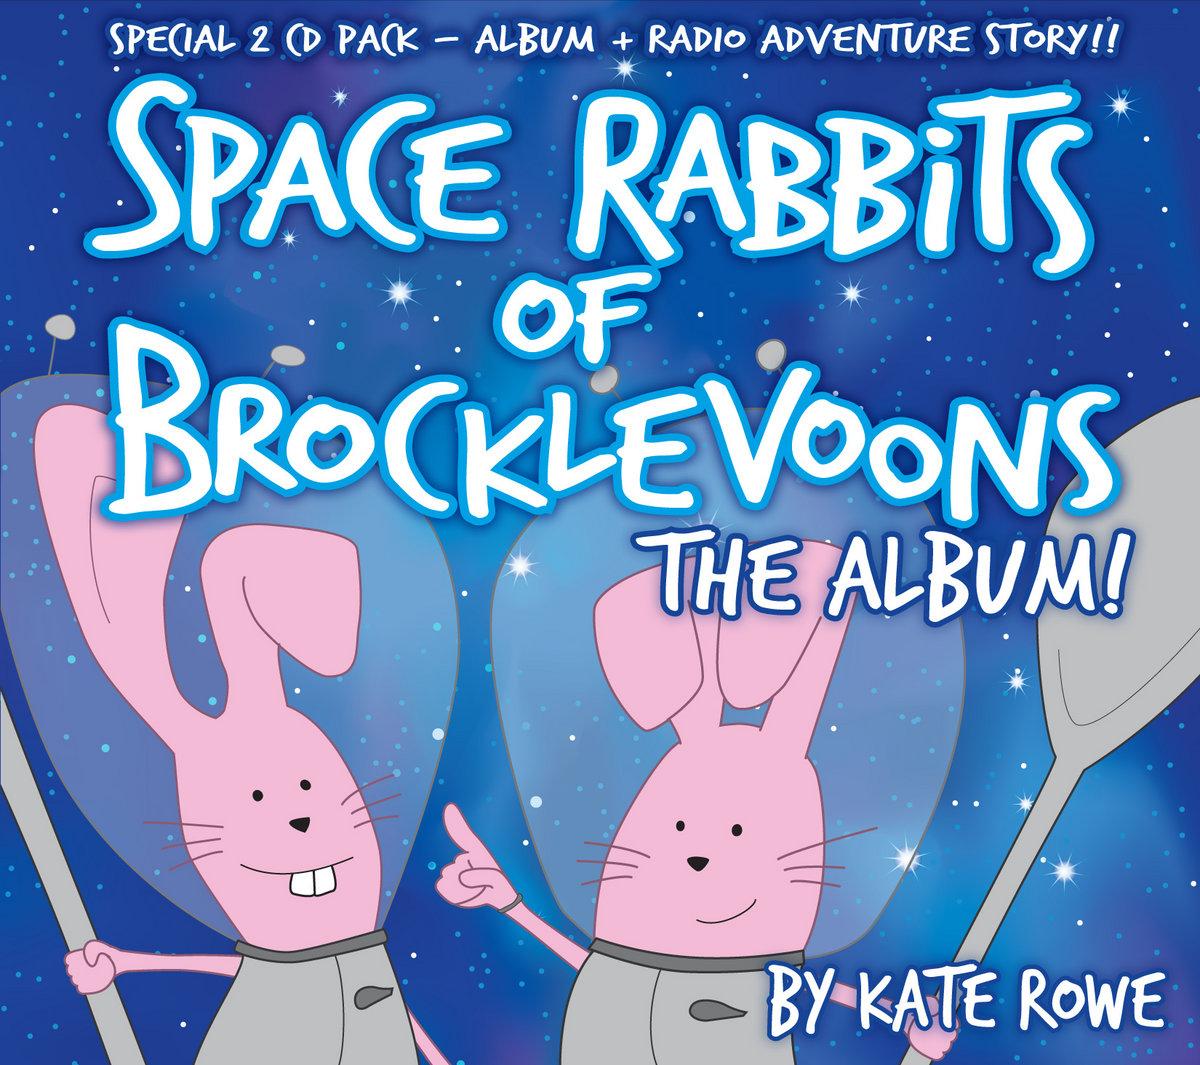 Space Rabbits of Brocklevoons | Kate Rowe